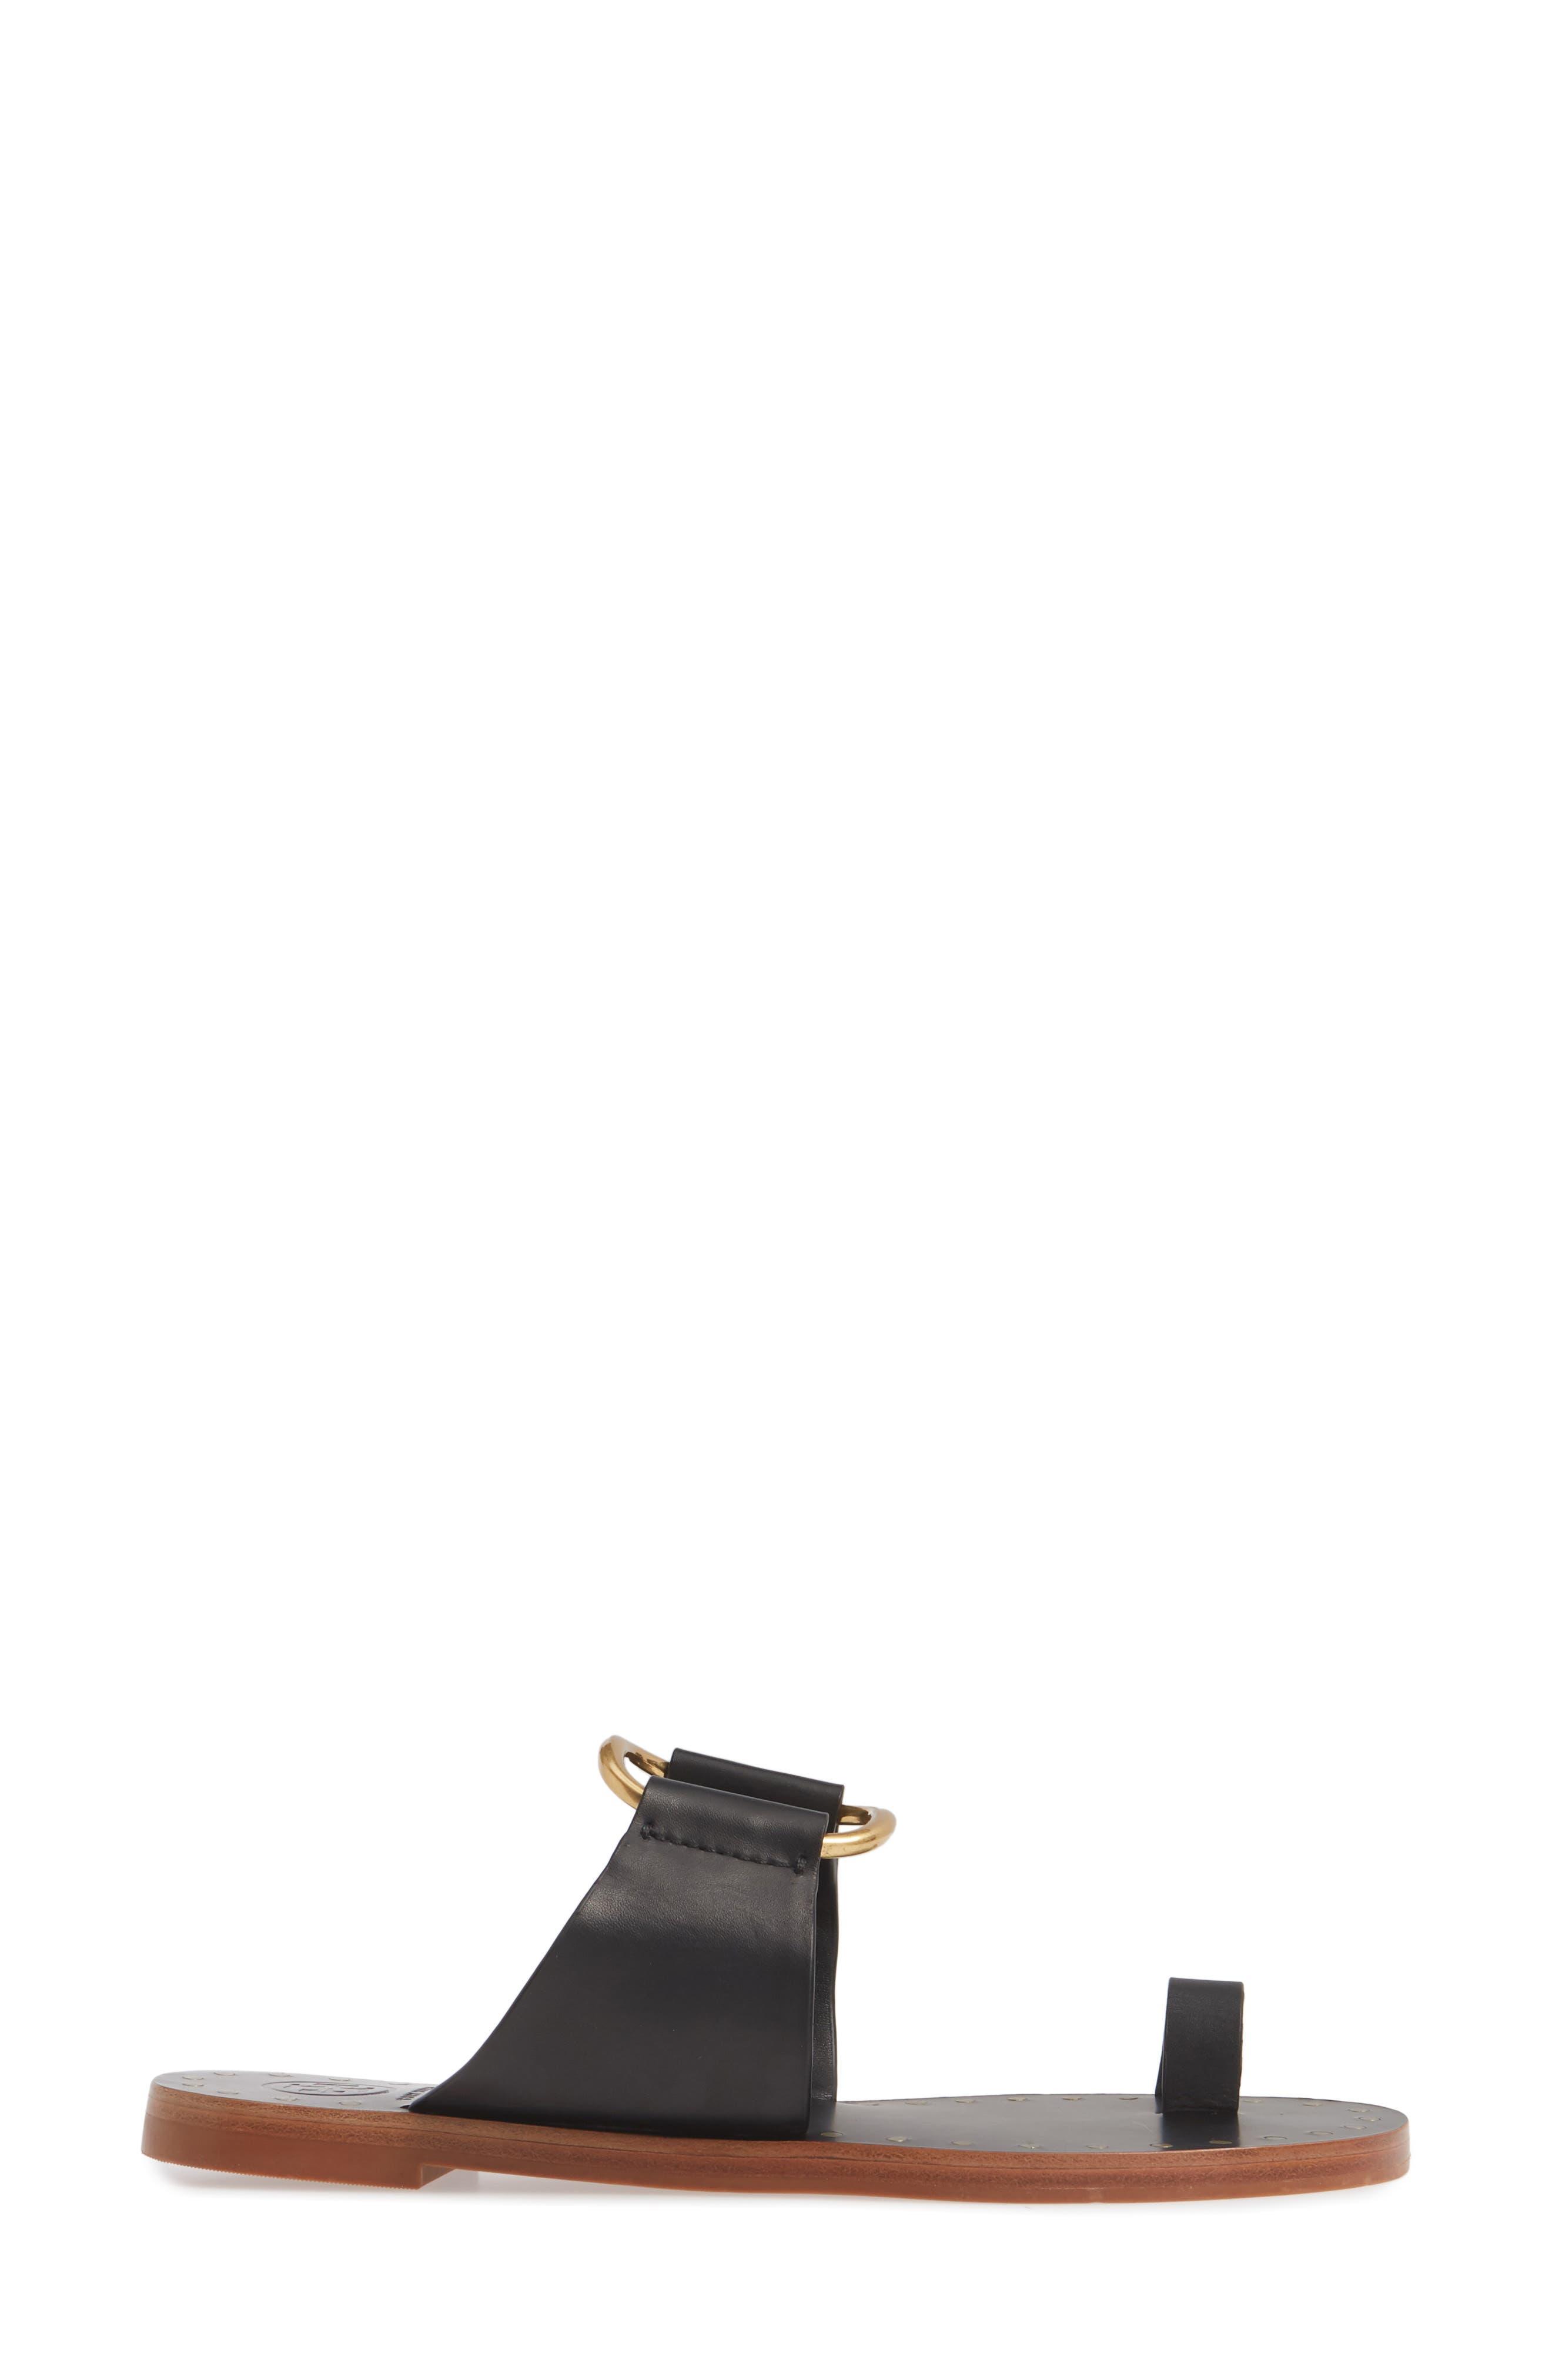 Ravello Toe Ring Sandal,                             Alternate thumbnail 3, color,                             PERFECT BLACK/ GOLD